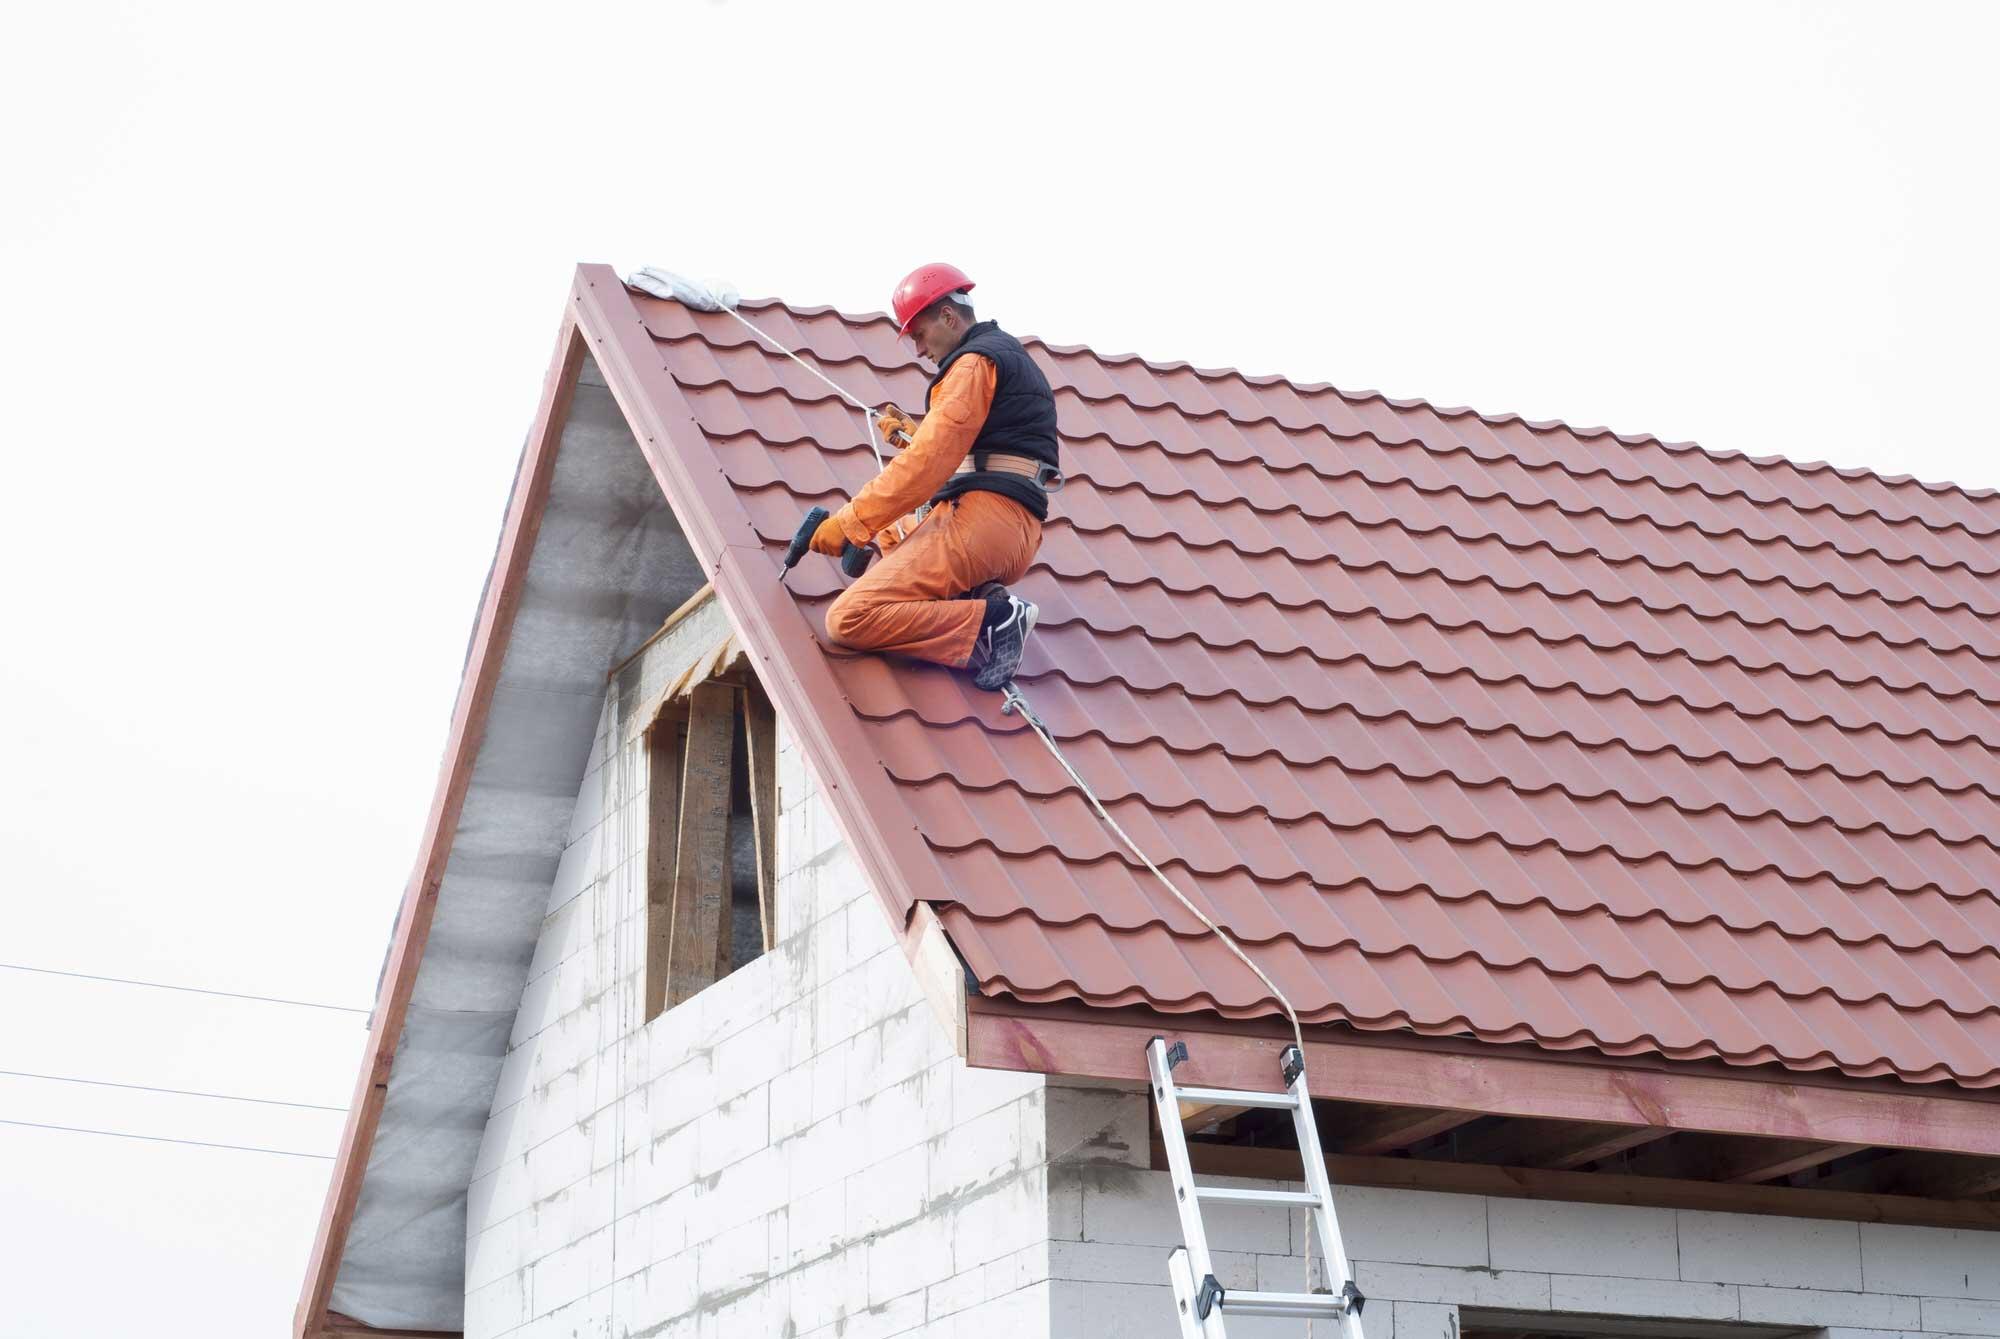 Как убрать крышу дома?